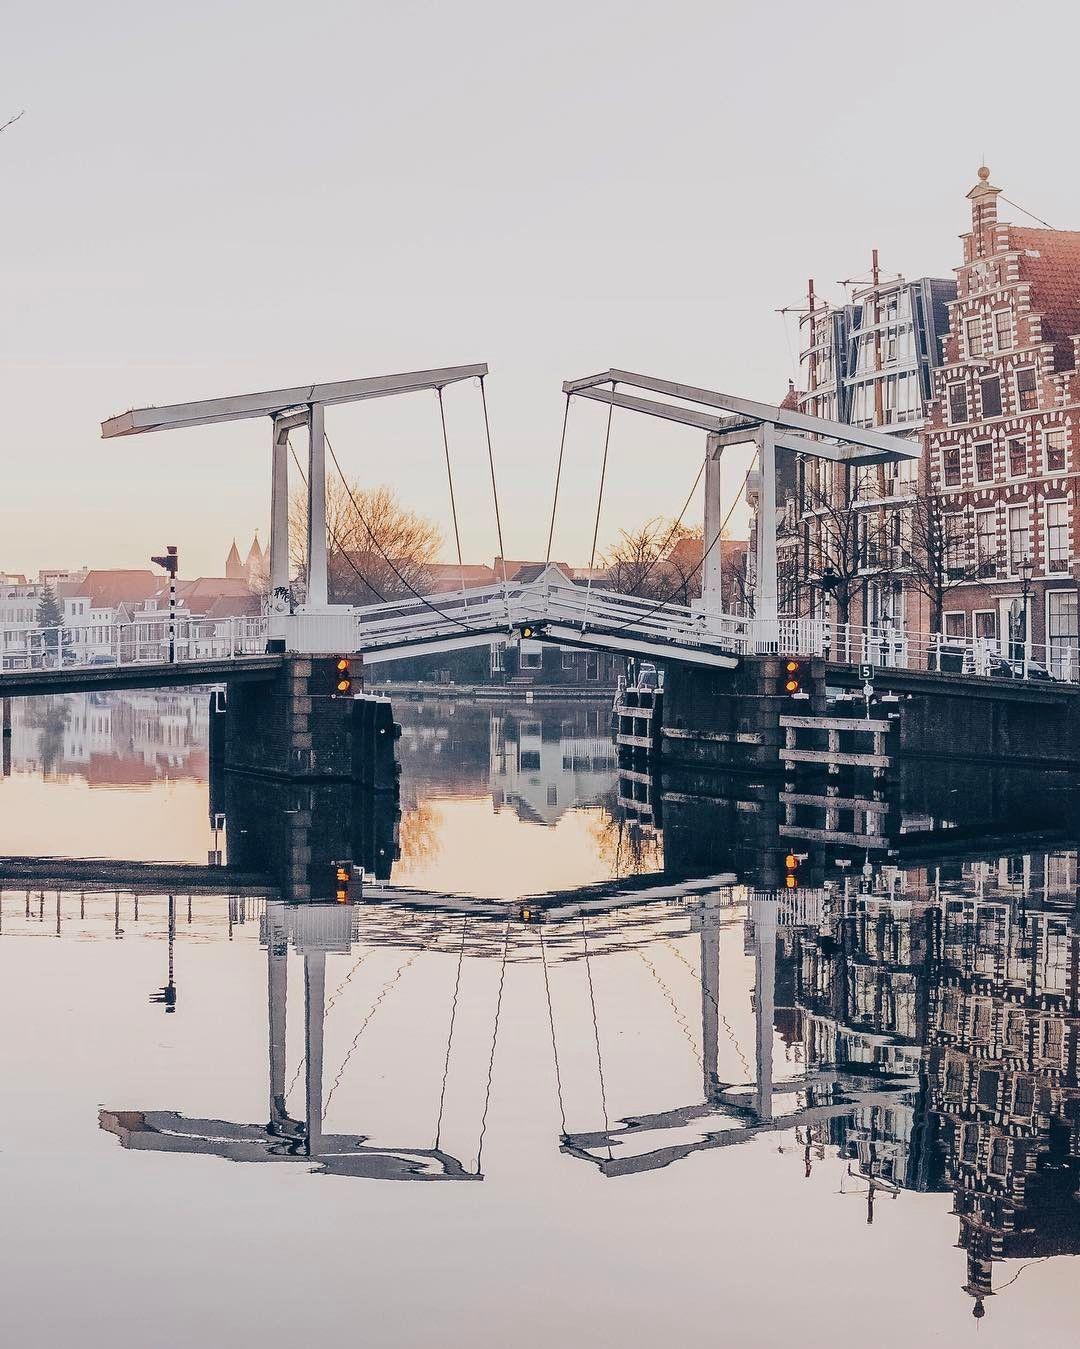 Gravestenenbrug Haarlem Haarlem NetherlandsTravel NetherlandsAmsterdam Gravestenenbrug